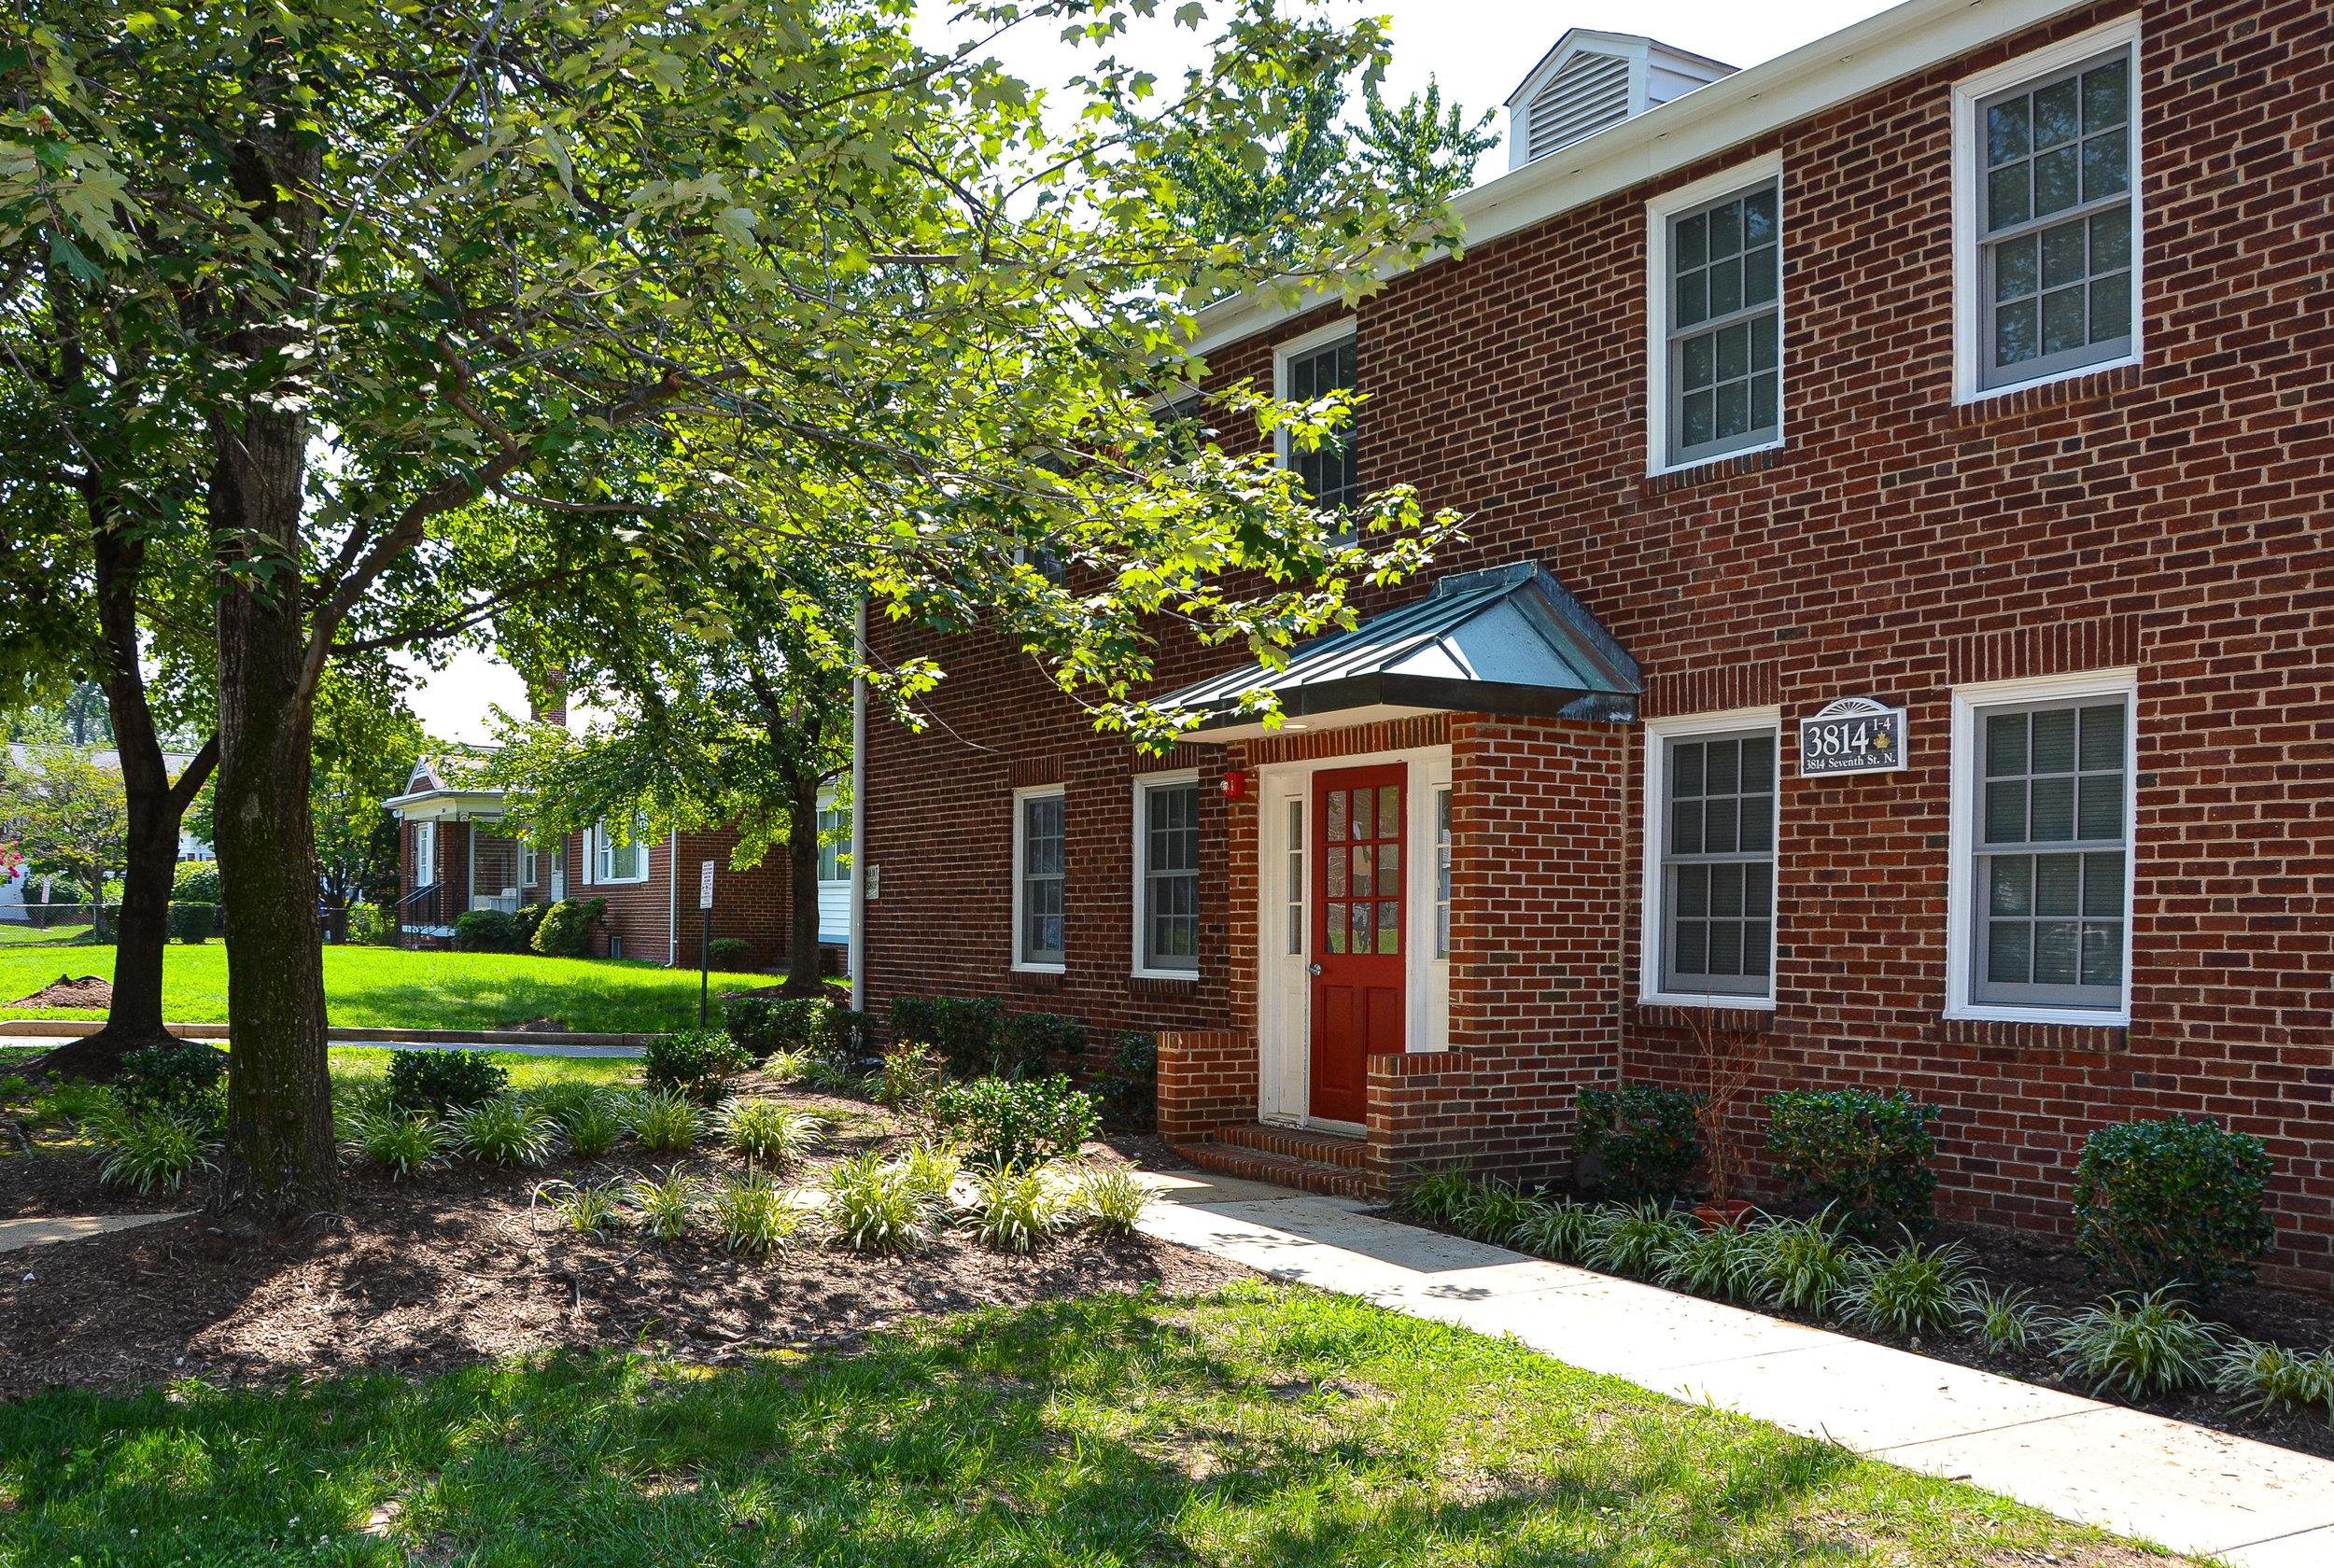 Clarendon Court Apartments - Arlington, VAAffordable HousingClient: McCormack BaronBuilt: 1940-1941Project Costs: $15.2 millionHTC equity: Over $2.9 million